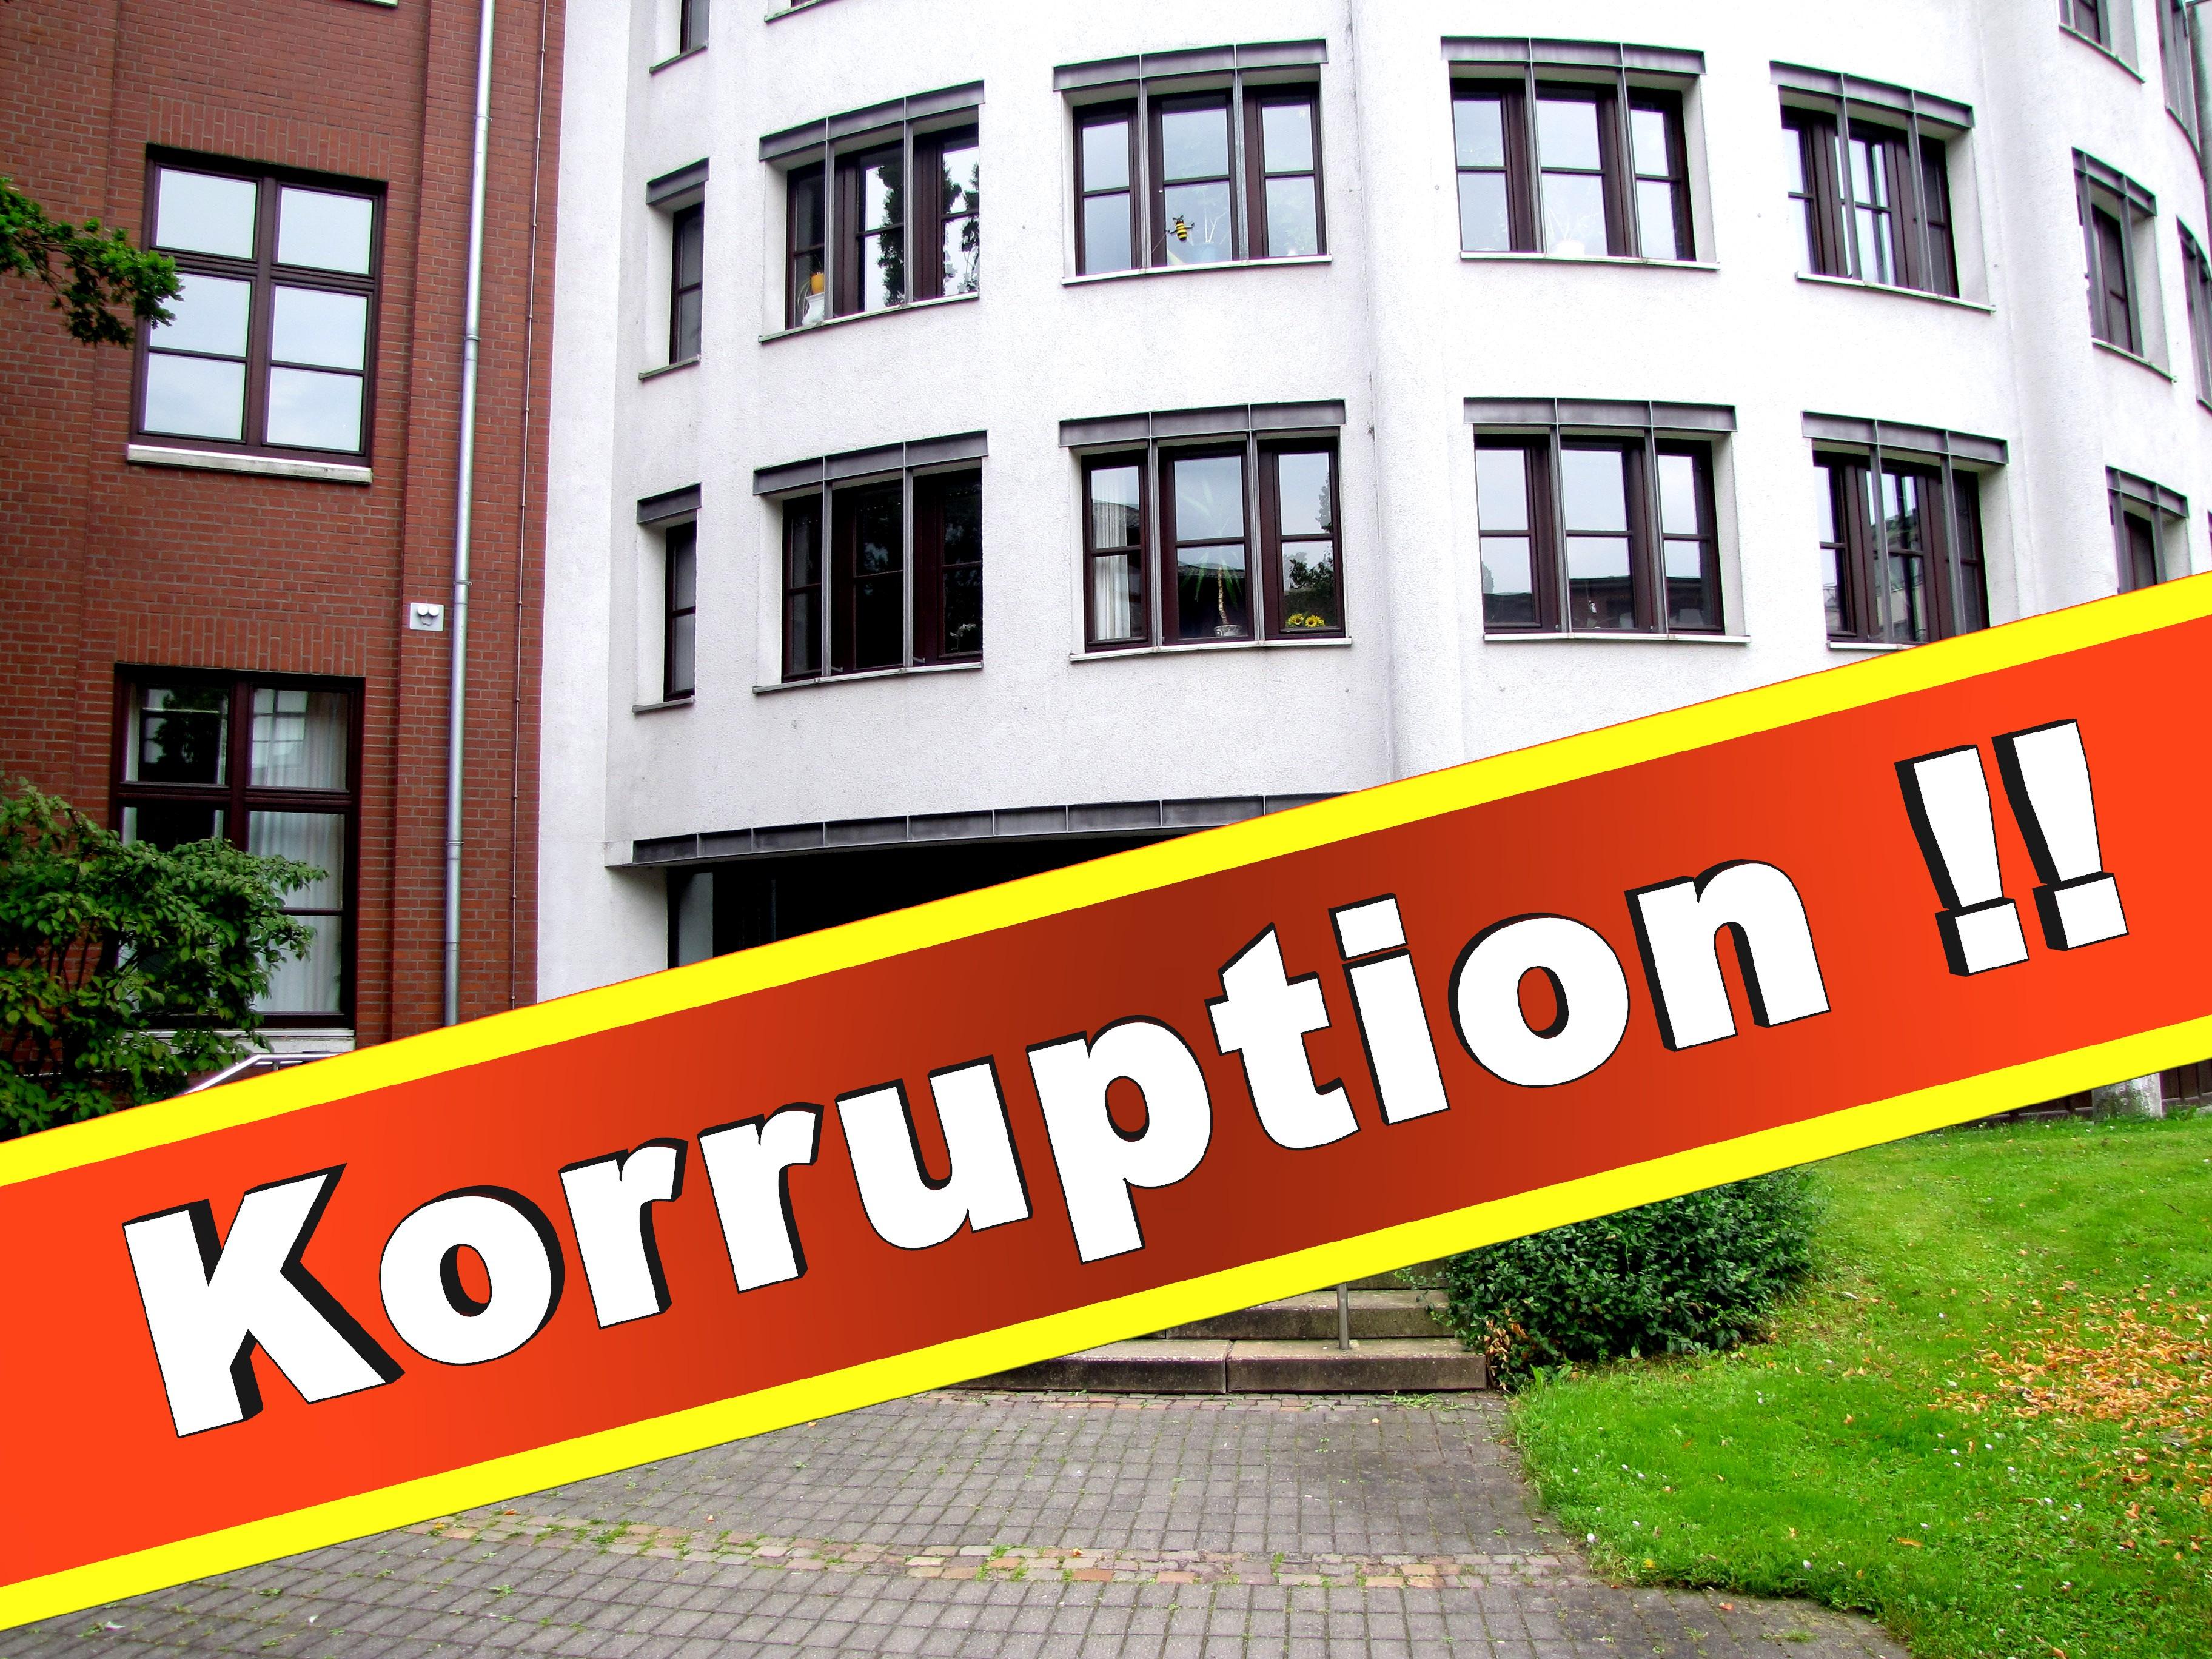 Gesundheitsamt Bielefeld Amtsarzt Adresse Gesundheitsbelehrung Telefon Schuleingangsuntersuchung Bielefeld Parken Gesundheitszeugnis (19)